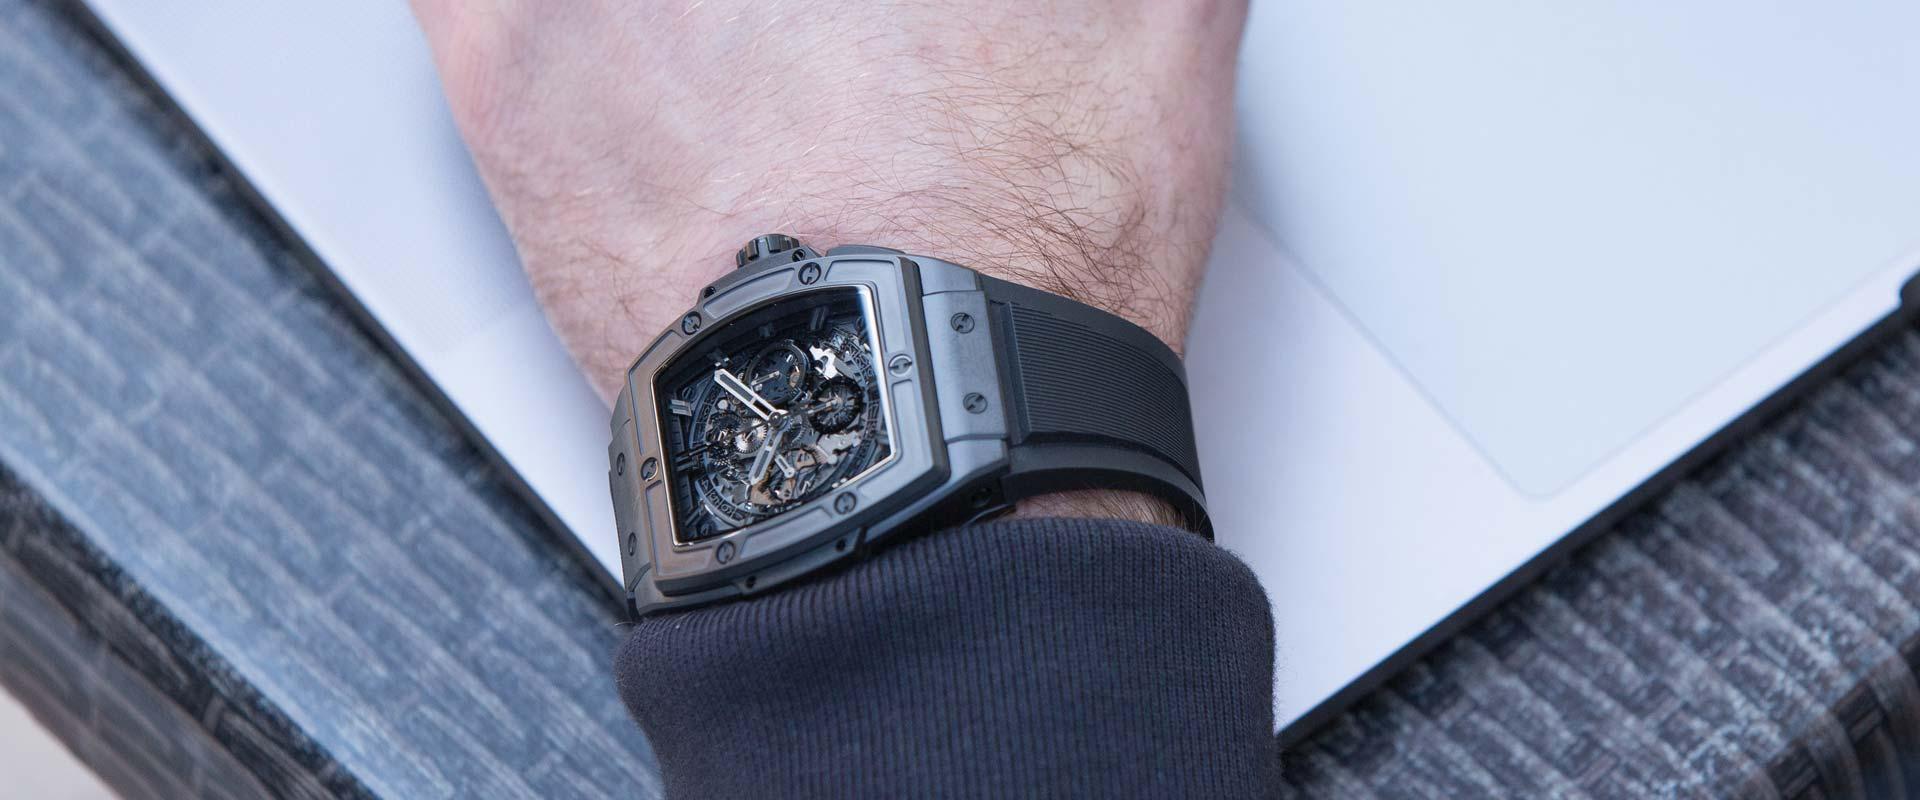 Hublot Spirit Of Big Bang All Black Watch 42mm 641 Ci 0110 Rx